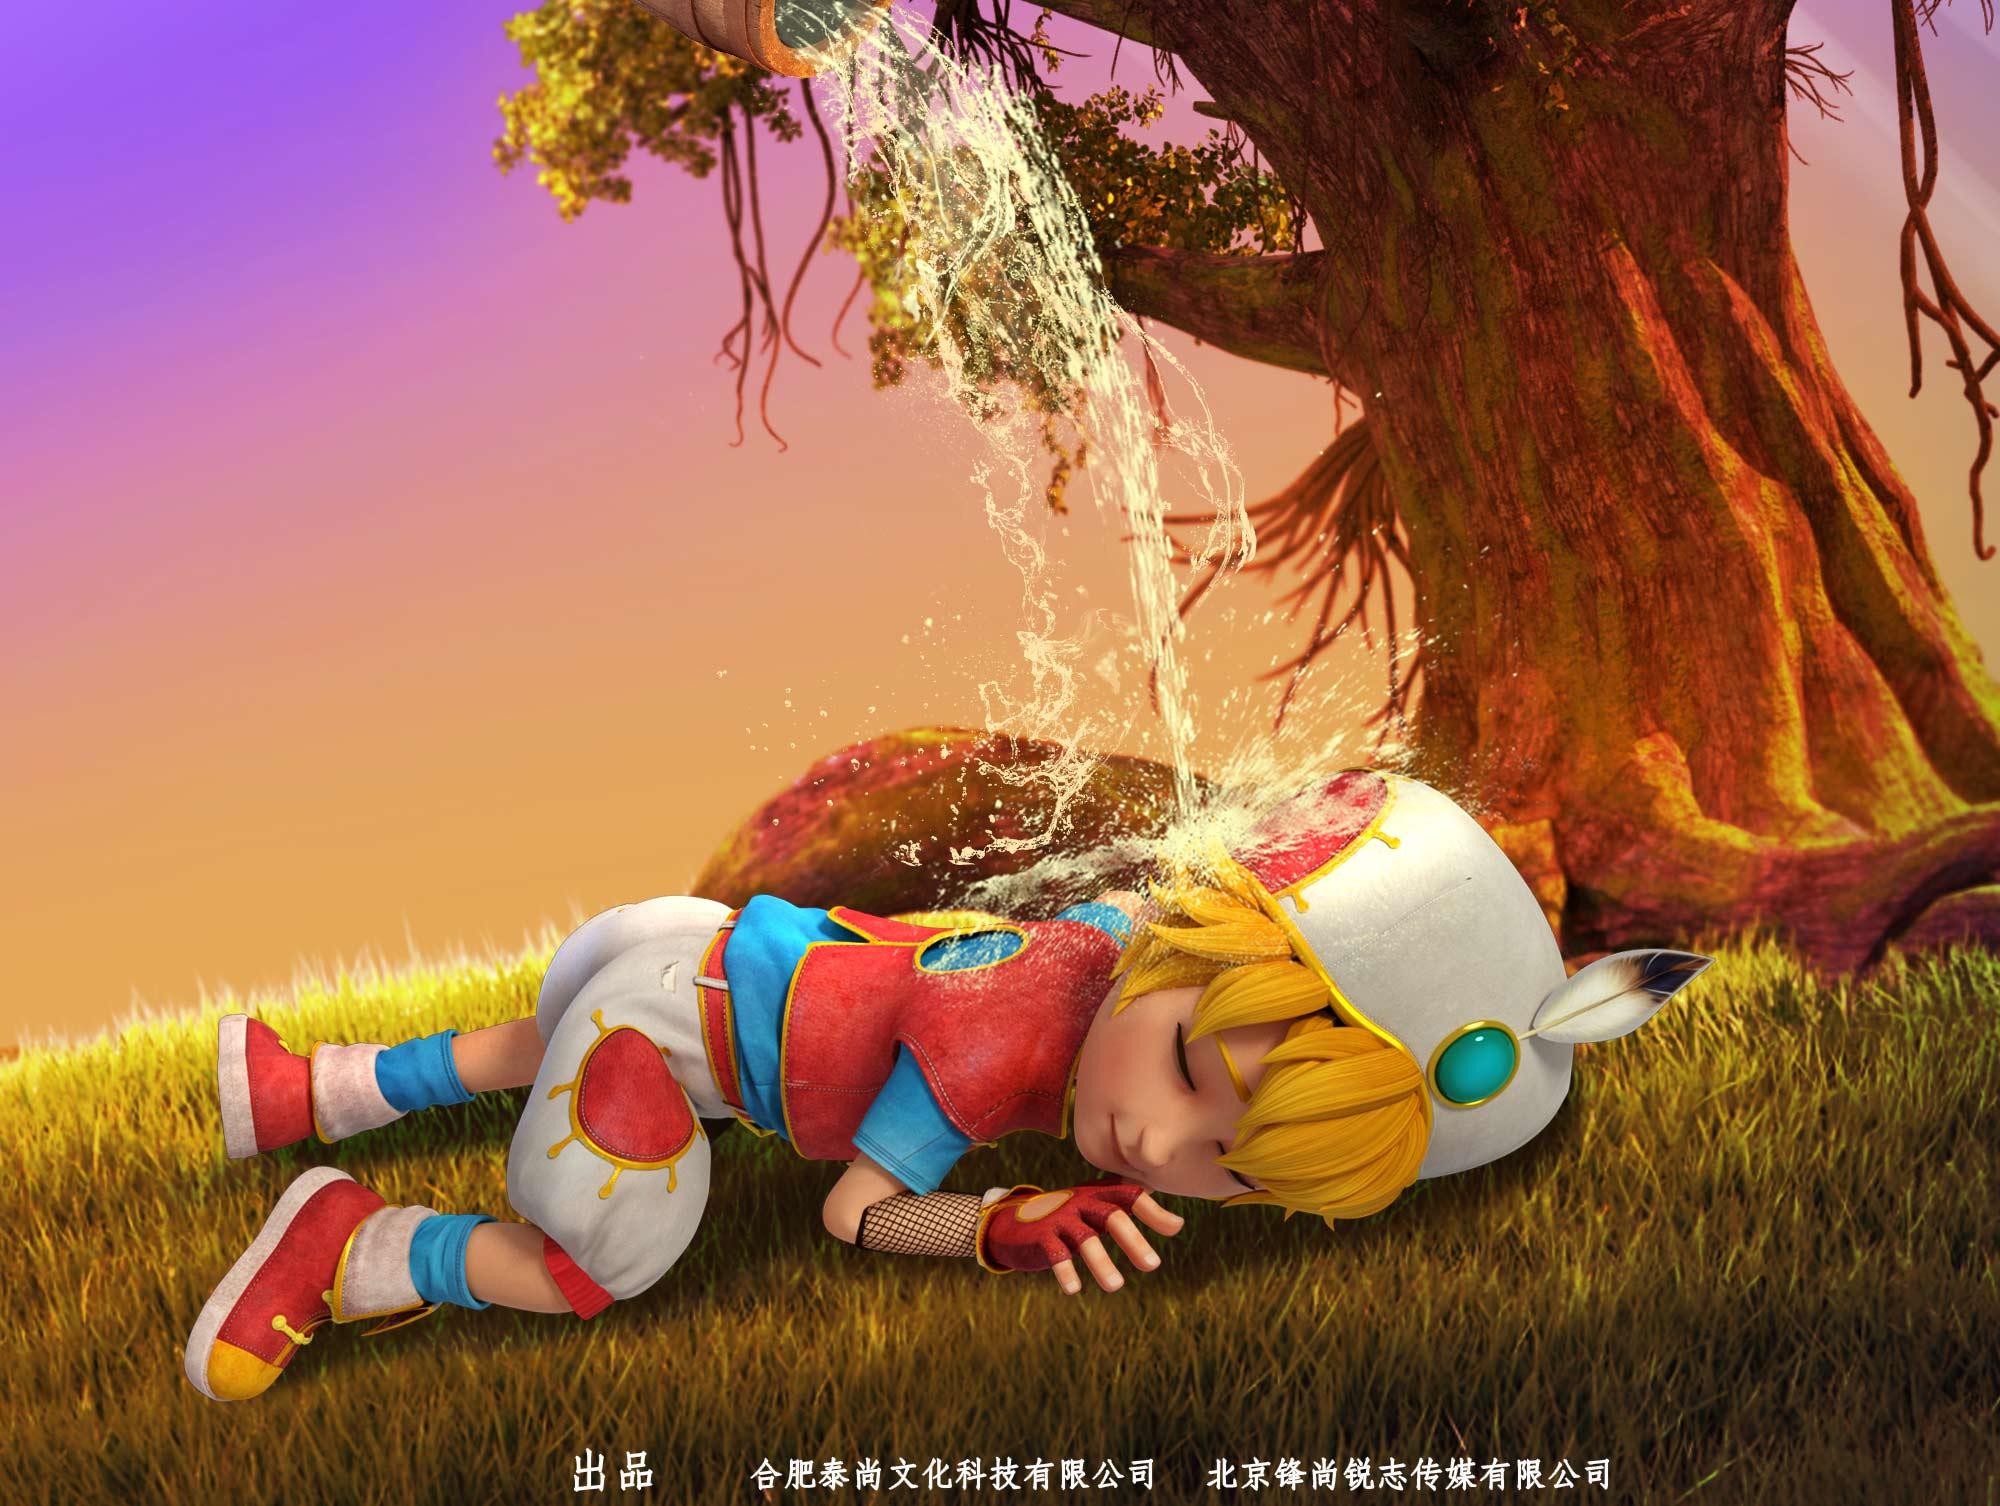 动画电影《阿里巴巴三根金发》发布淘气包版海报